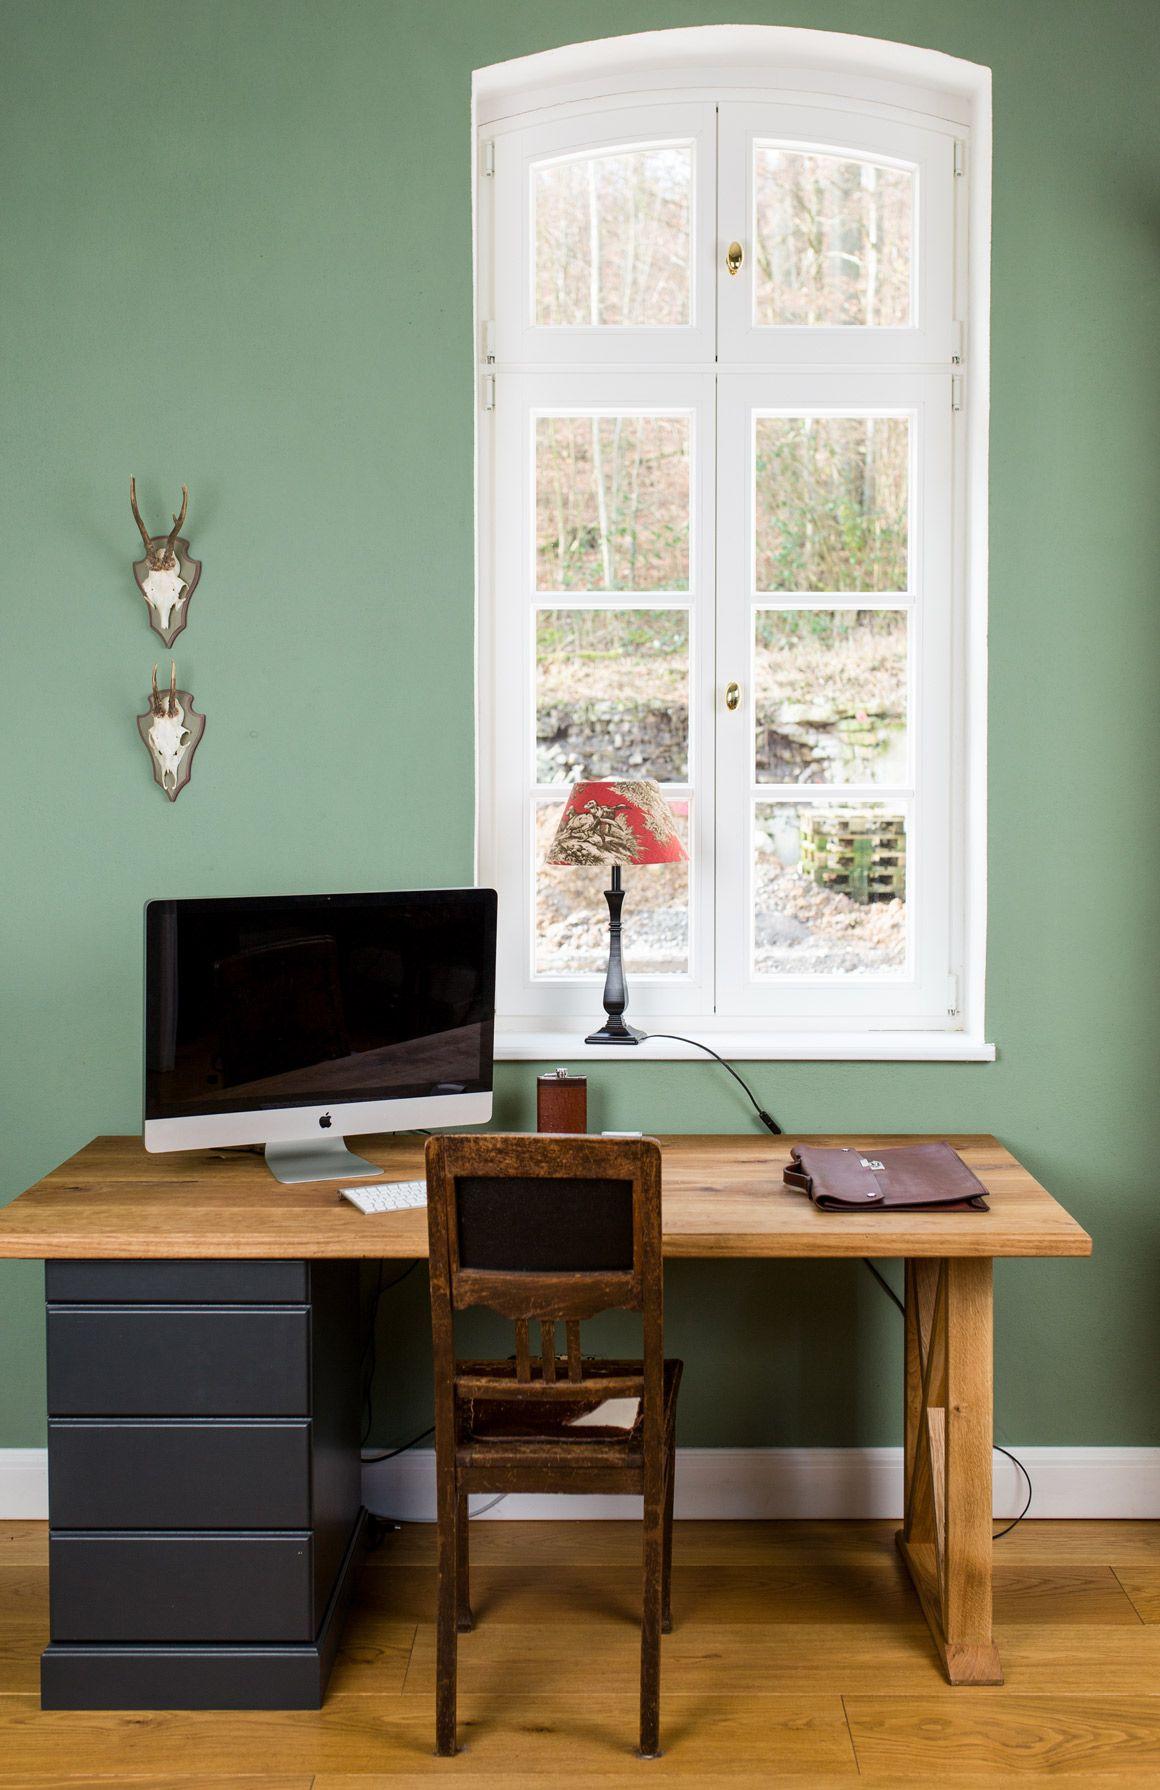 Pin Von Anna Von Mangoldt Farben Auf Grüne Wandfarben (Kreidefarben) |  Pinterest | Grüne Wandfarben, Wandfarben Und Kreidefarbe